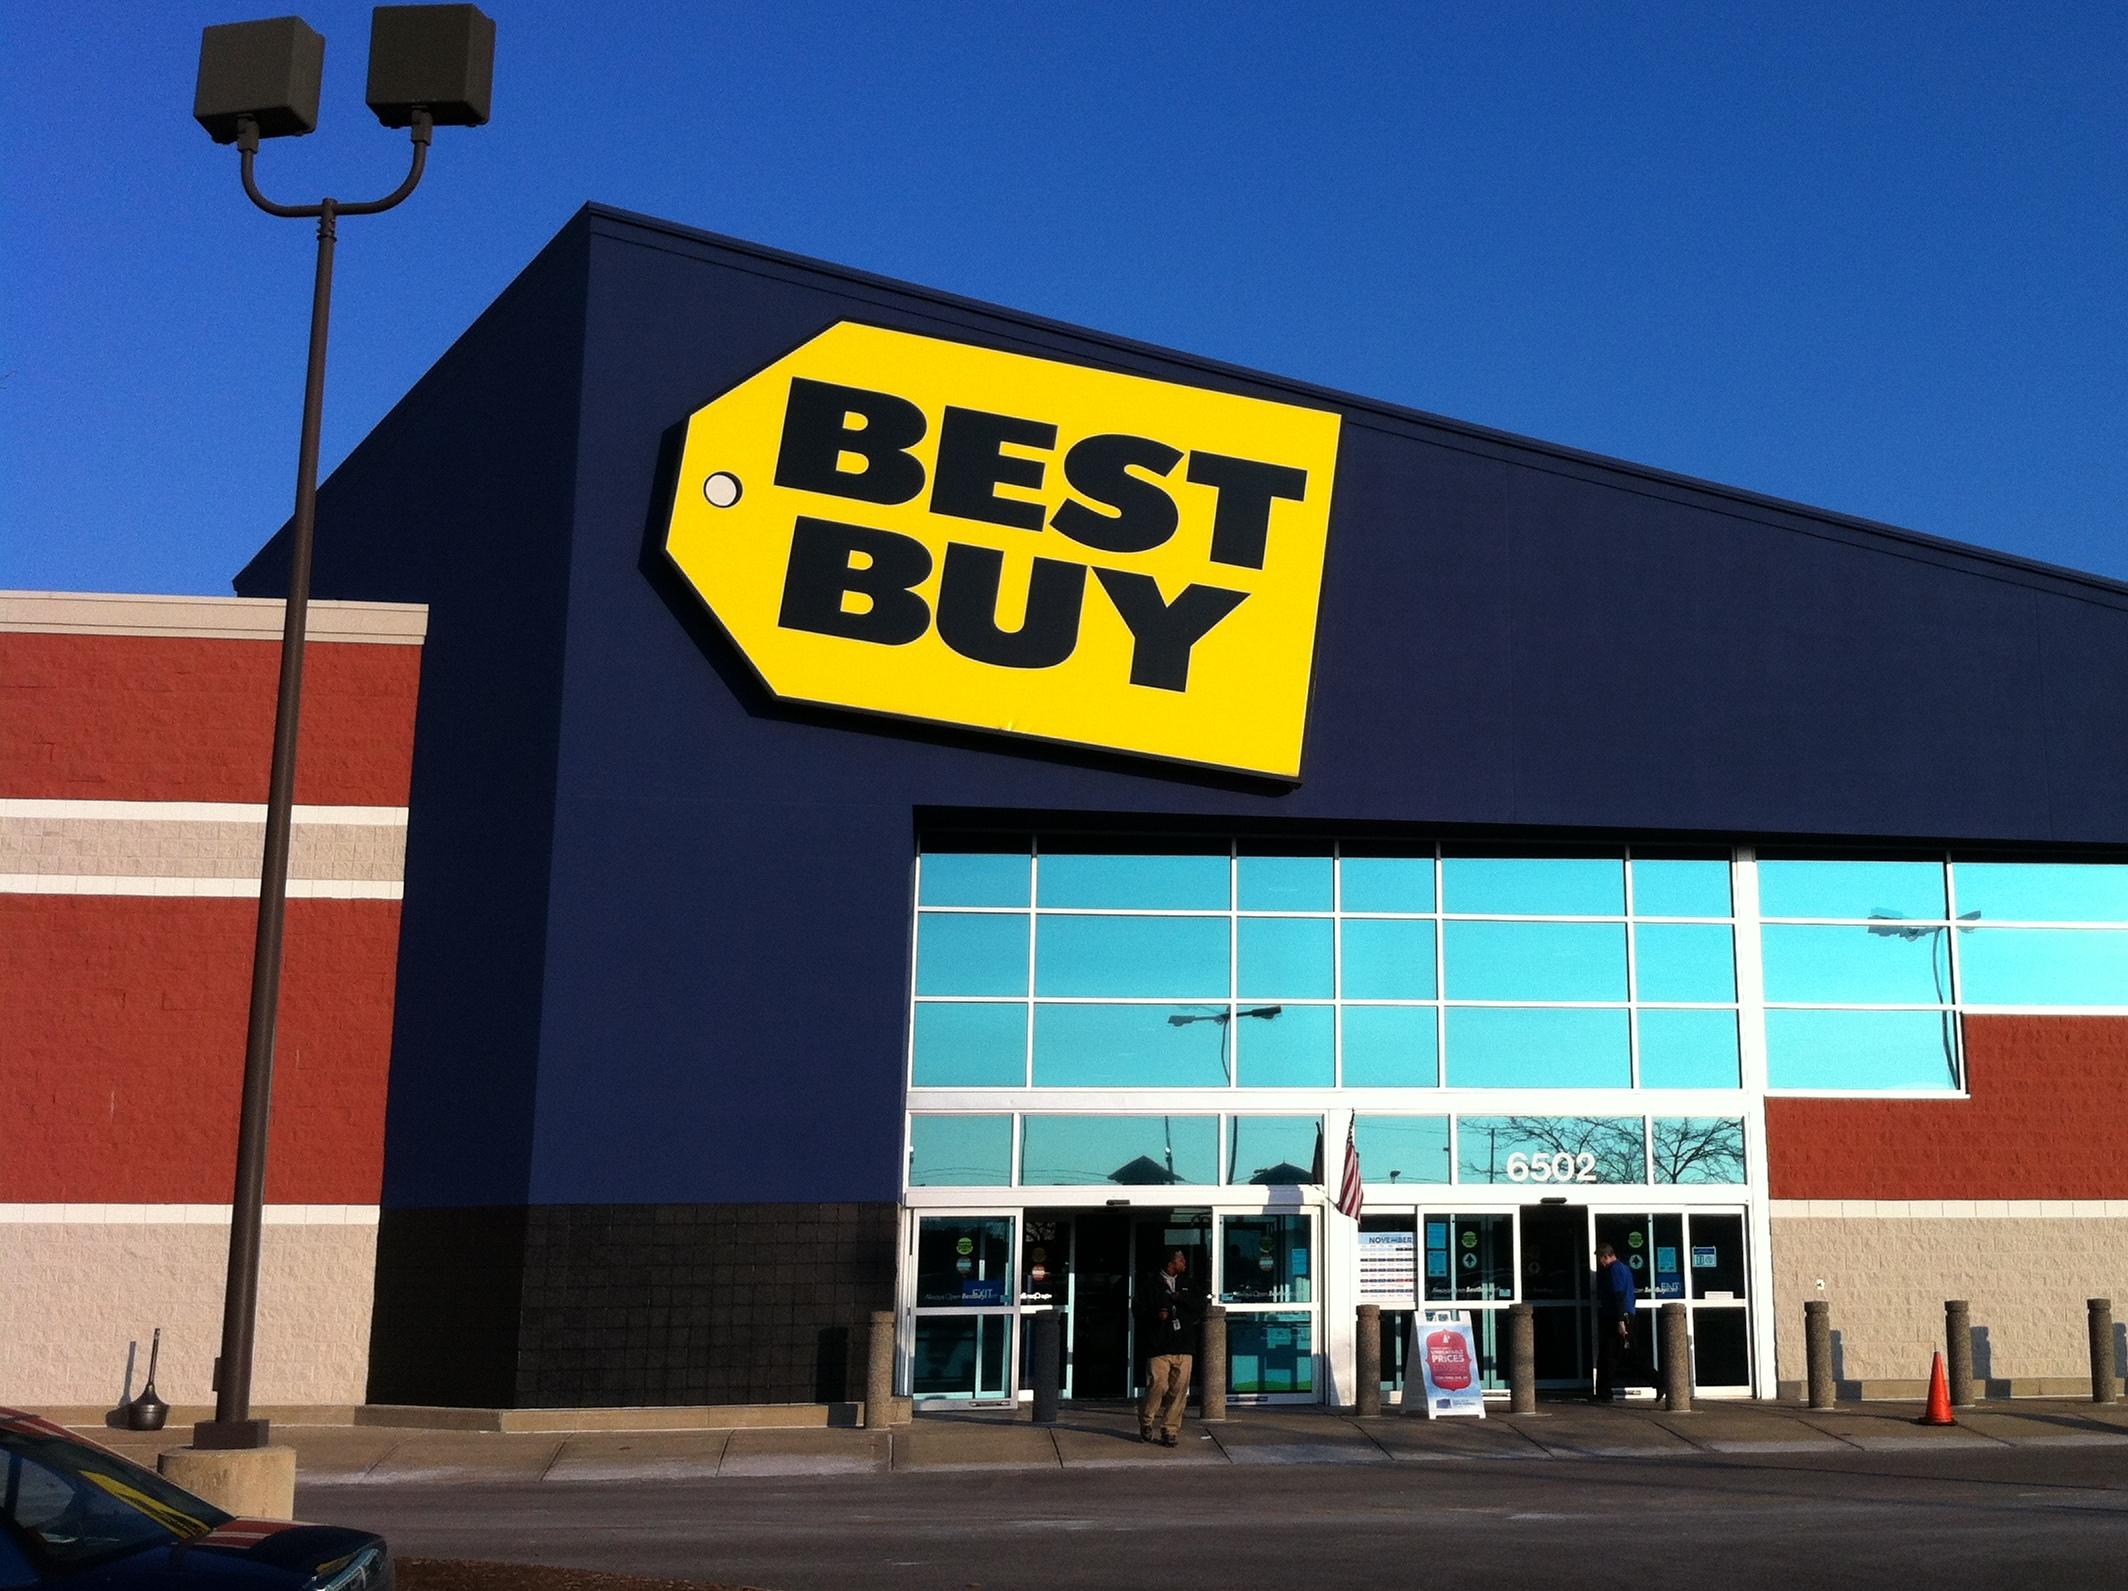 Besy Buy